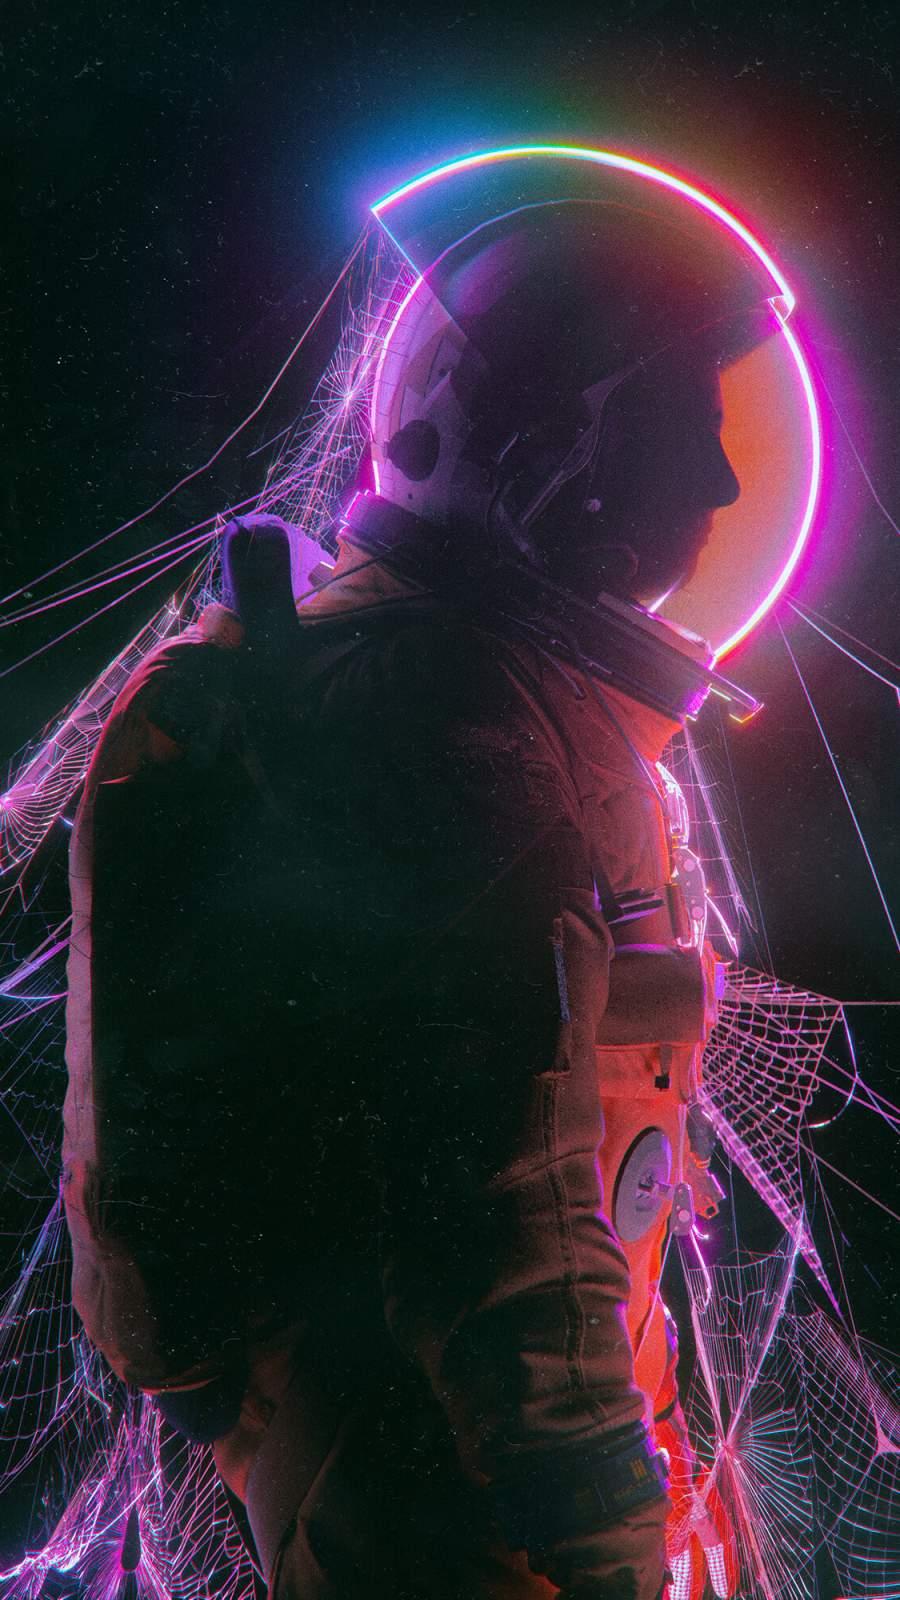 Astronaut in Web iPhone Wallpaper